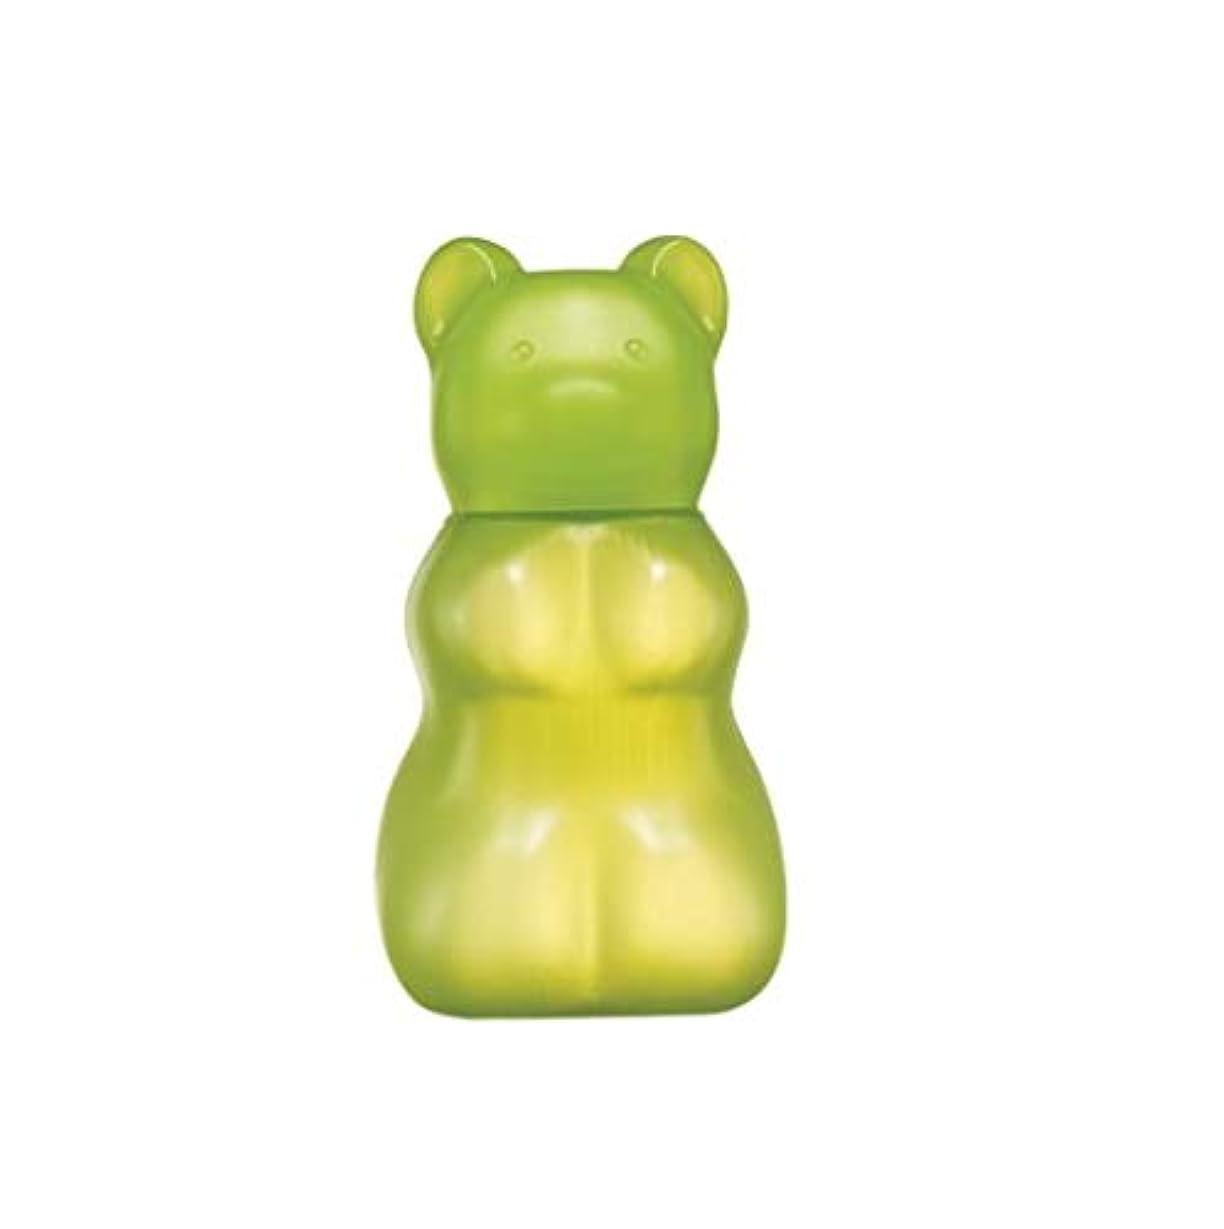 無数の機械的に音声Skinfood グミベアゼリークリーンジェル(アップル)#キーウィ(ハンドジェル) / Gummy Bear Jelly Clean Gel (Apple) #Kiwi (Hand Gel) 45ml [並行輸入品]